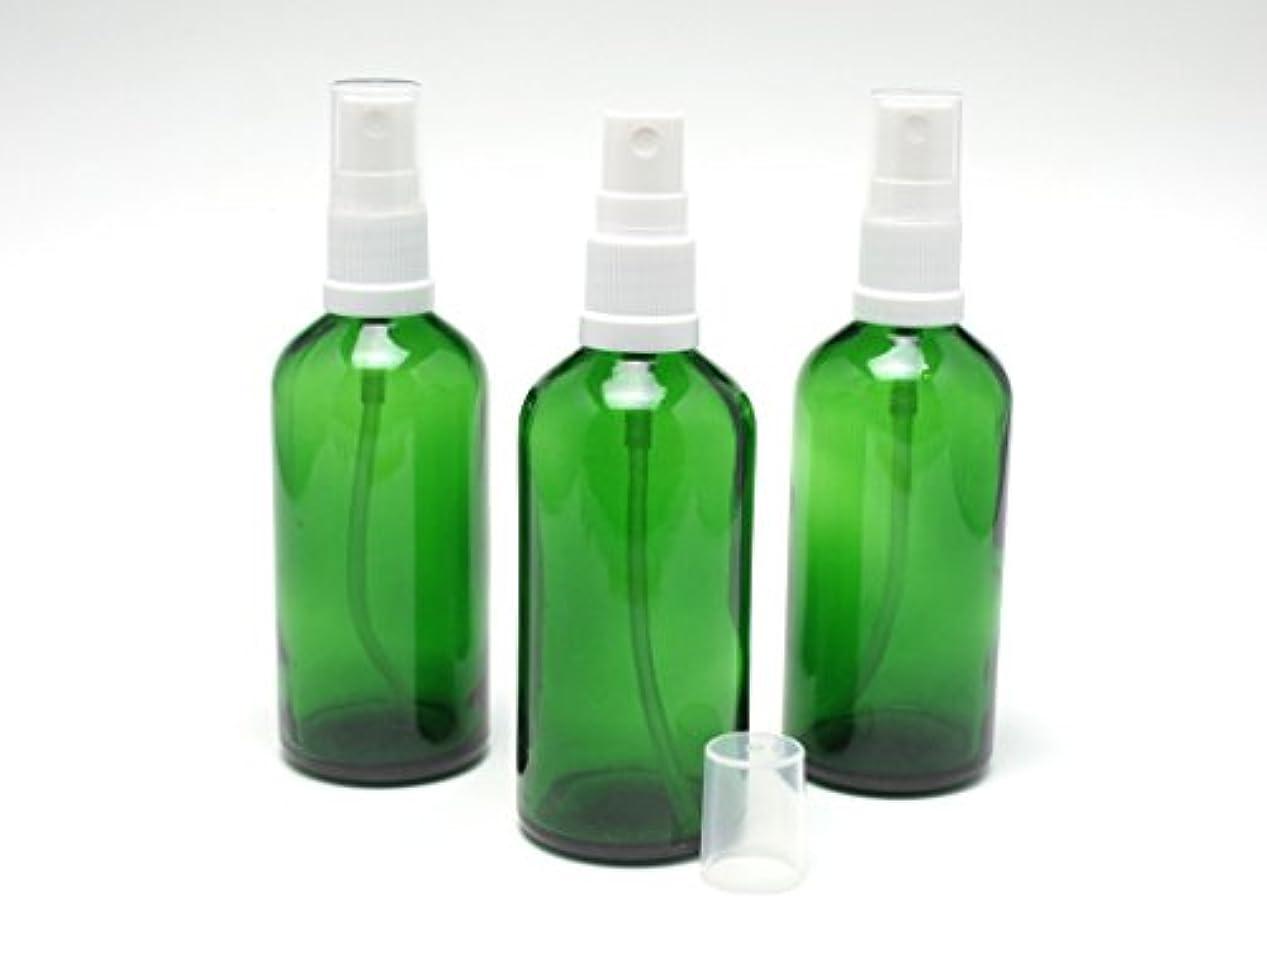 ドロップソース検出器遮光瓶 スプレーボトル (グラス/アトマイザー) 100ml / グリーン ホワイトヘッド 3本セット 【新品アウトレット商品 】